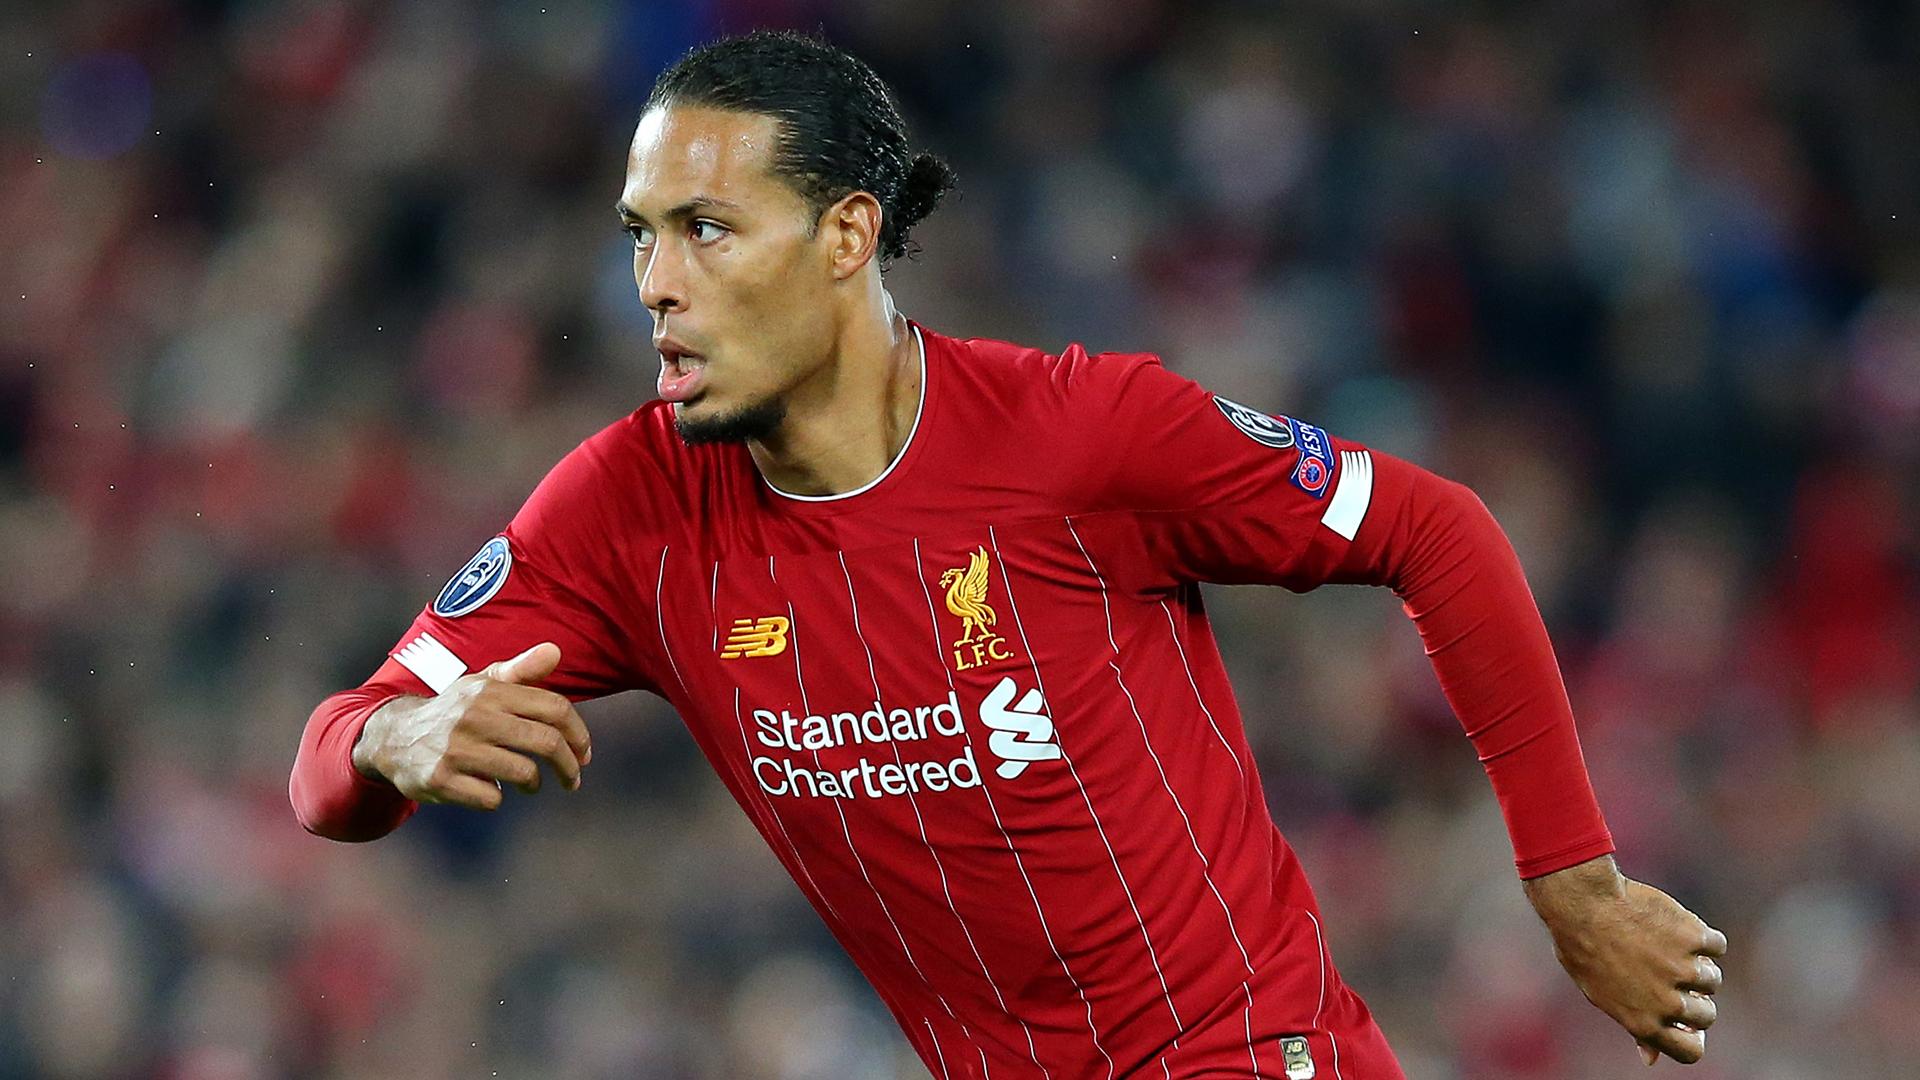 'Van Dijk is the best centre-half I've ever seen' - Murphy hails 'perfect' Liverpool superstar